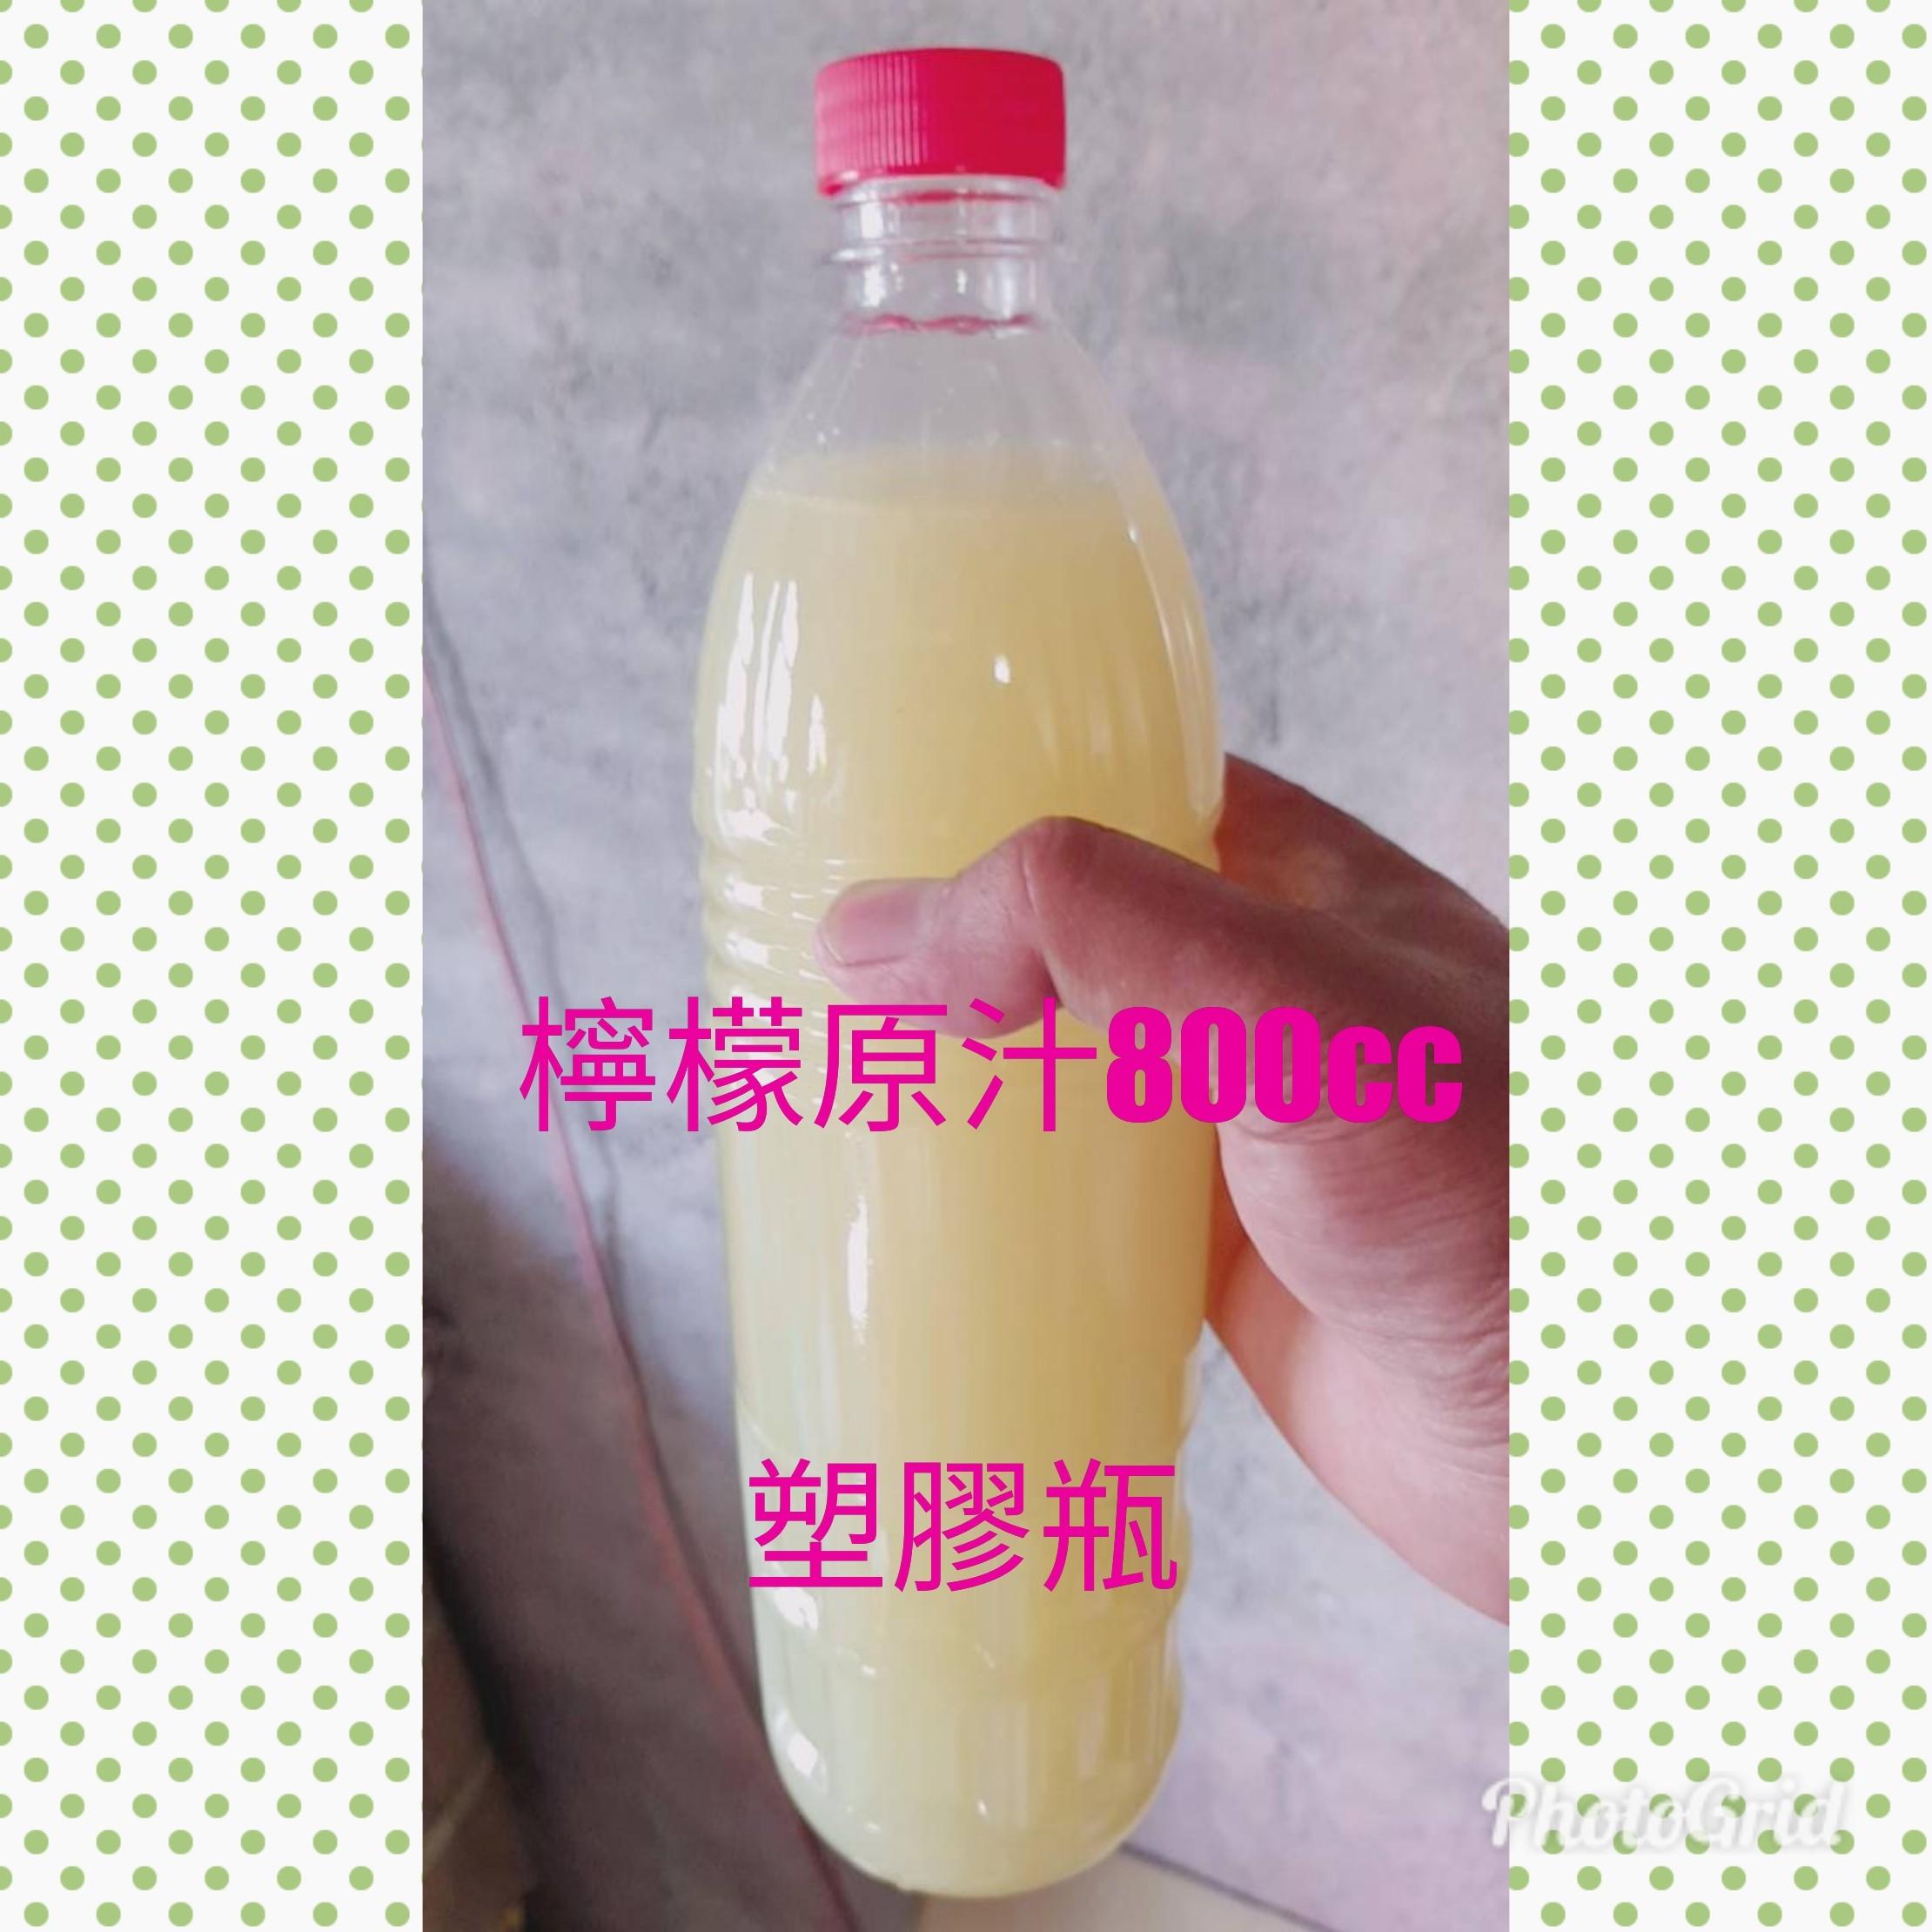 【8月回饋價】無毒檸檬原汁 | 鮮檸檬汁 | 檸檬汁 | 檸檬水 | TLS全新生活800cc(52瓶)【塑膠瓶裝】結帳輸入折扣碼「IU205AQRTSRP」,在打【85】折平均1瓶167元